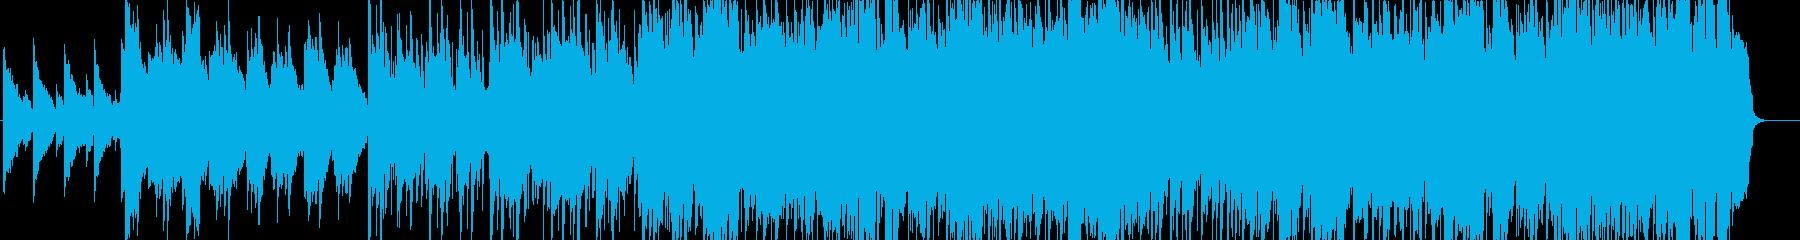 男性ボーカル/切ないバラードの再生済みの波形